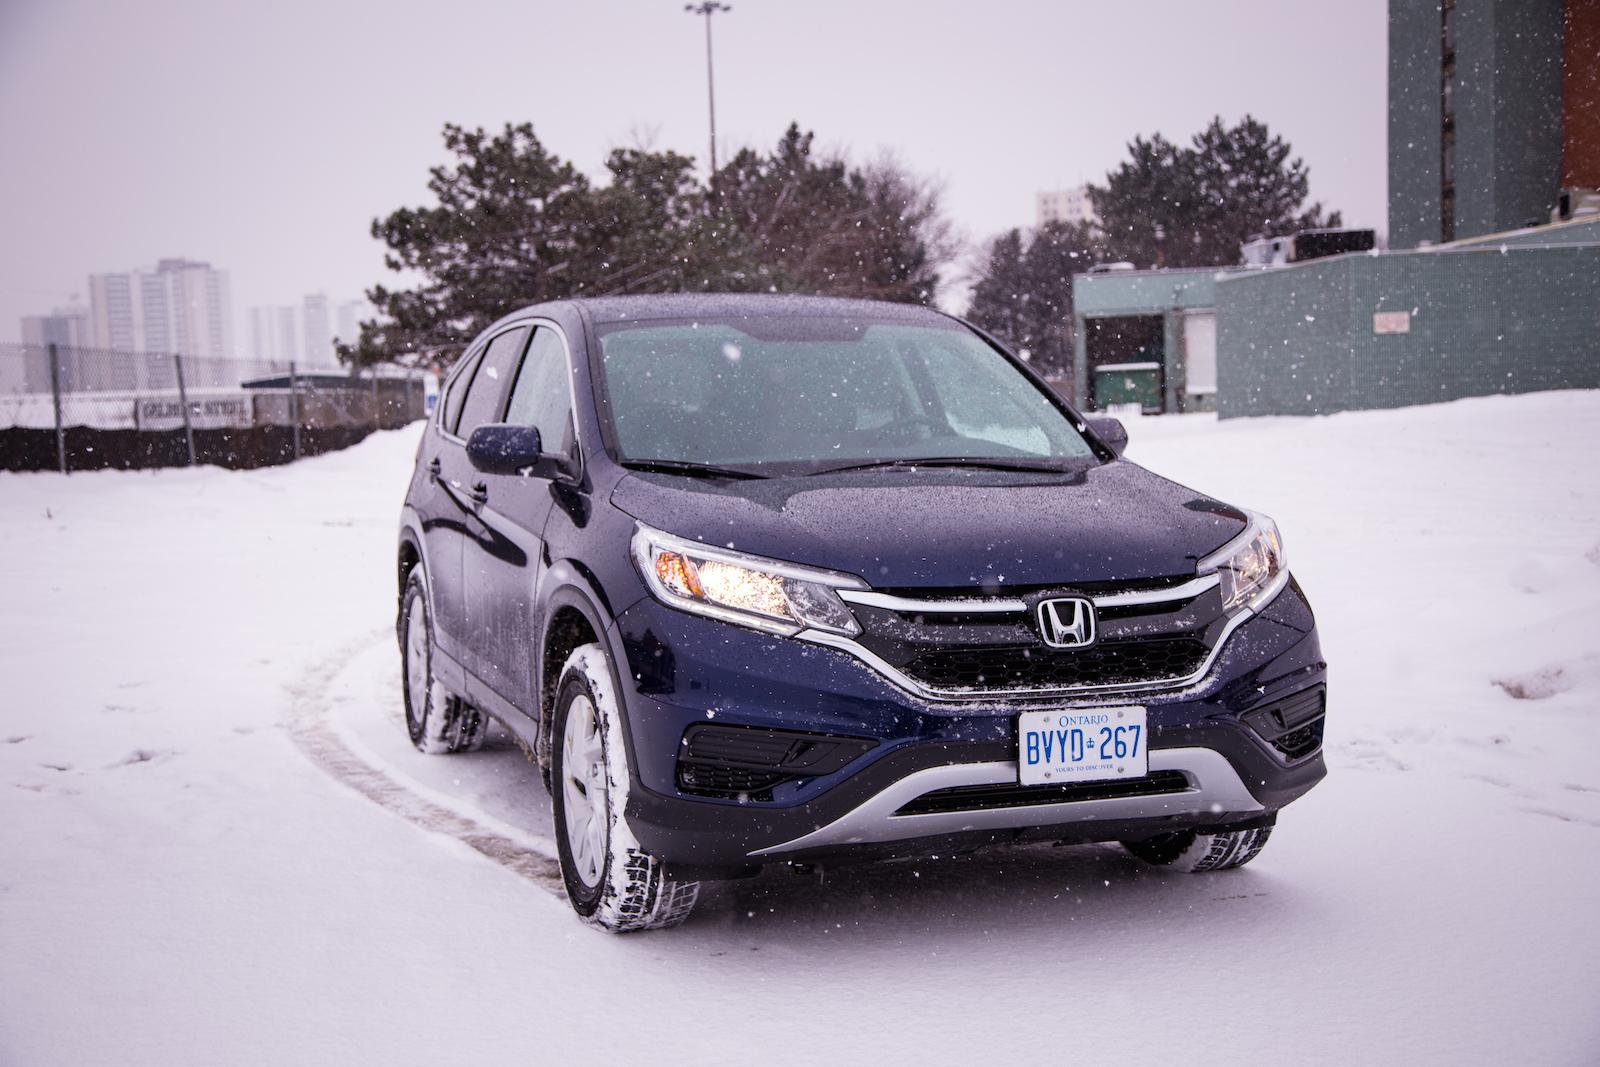 autotrader v price crv options photos specs trims research reviews ca cr honda